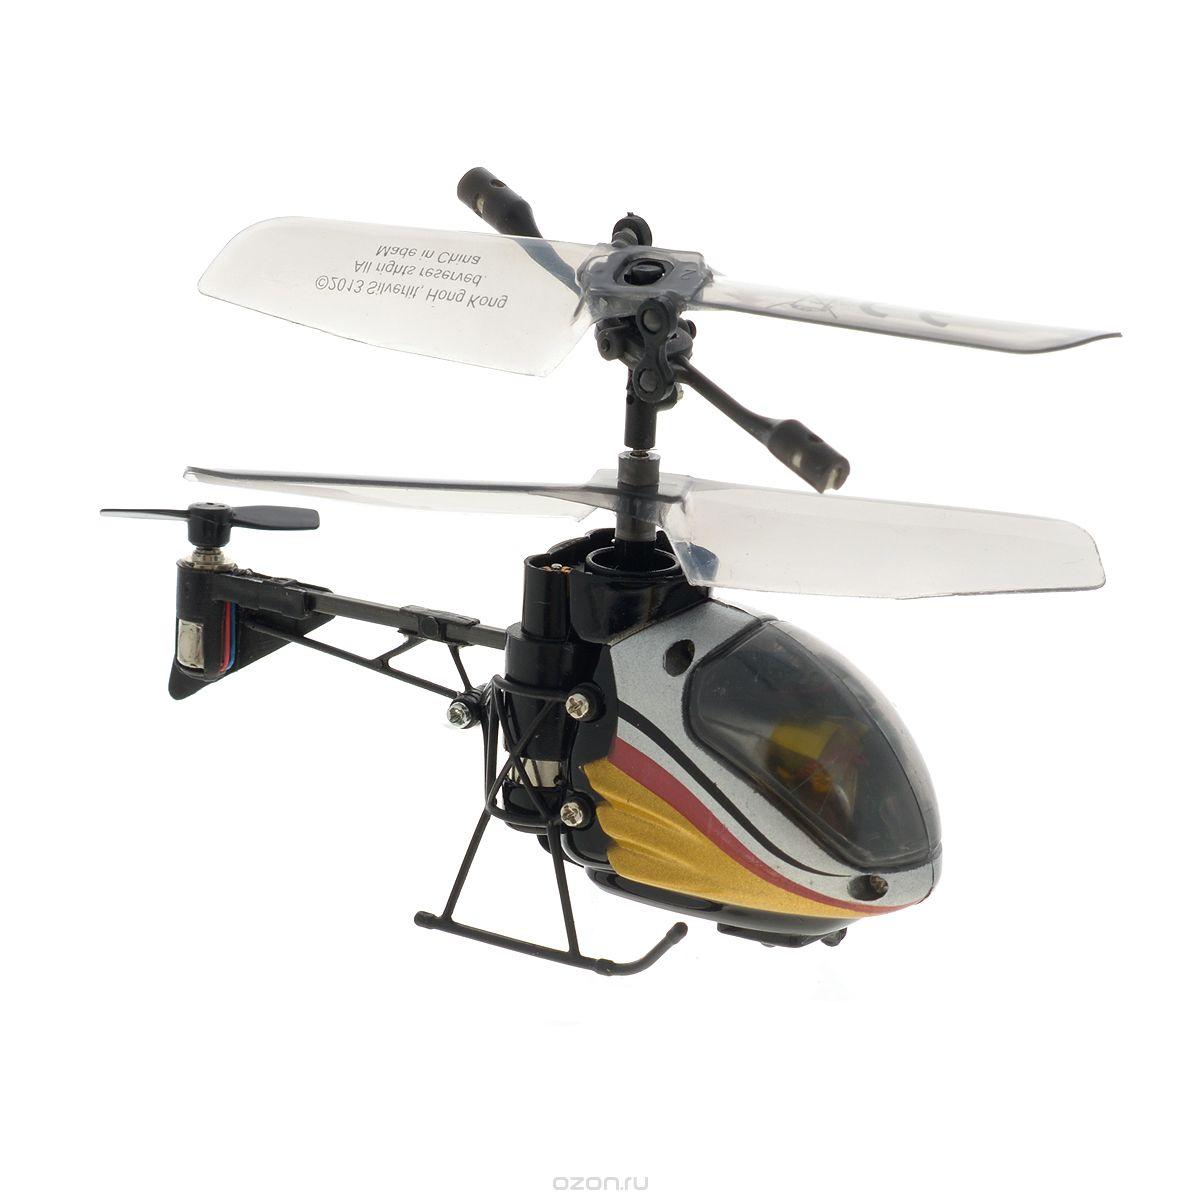 Silverlit Вертолет на радиоуправлении Nano Falcon цвет серый красный желтый